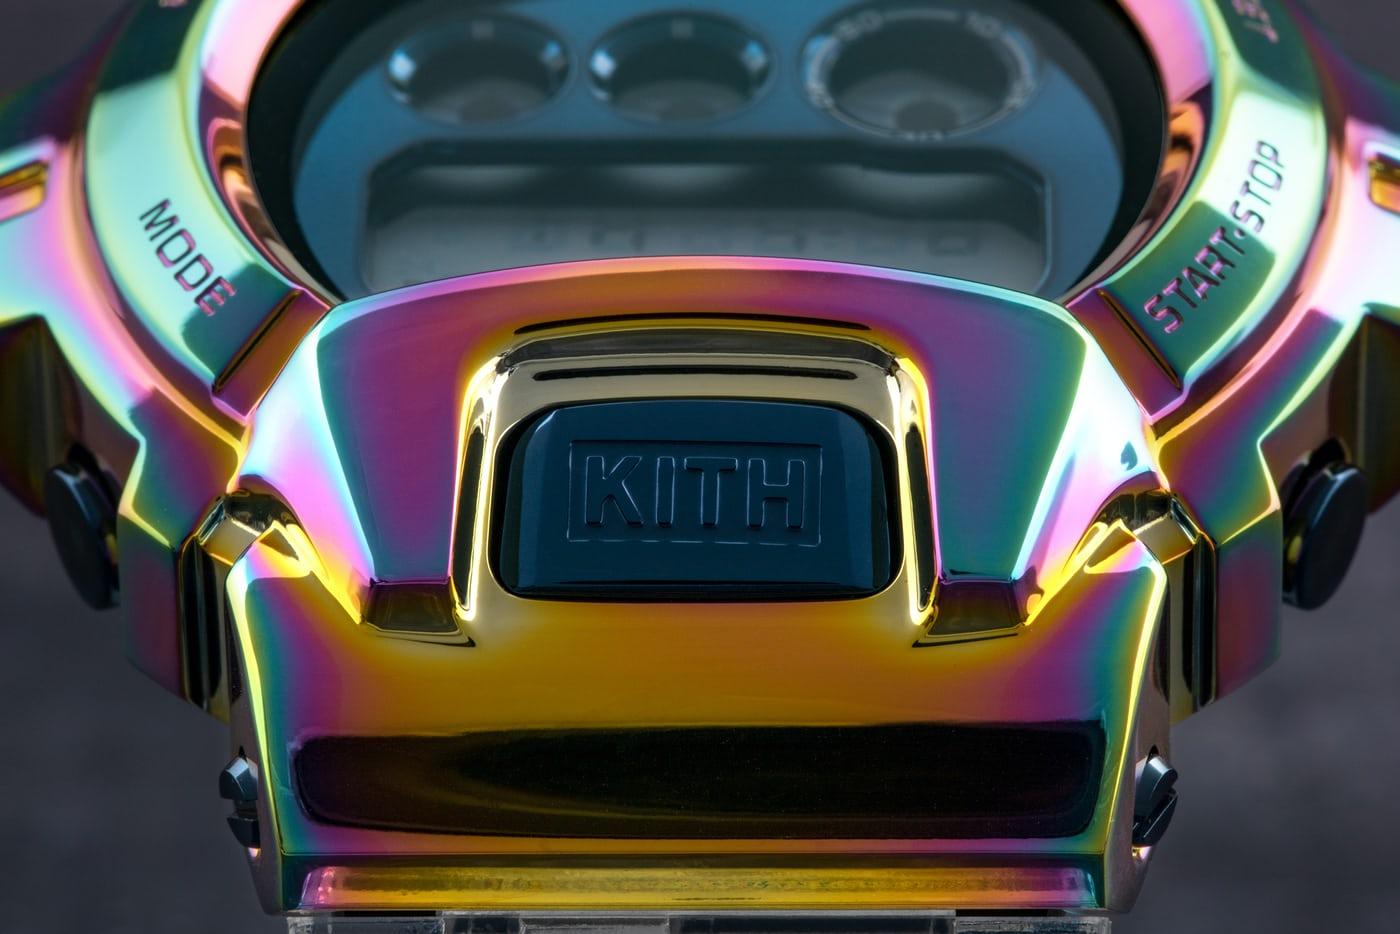 Casio Kith / Foto: Casio